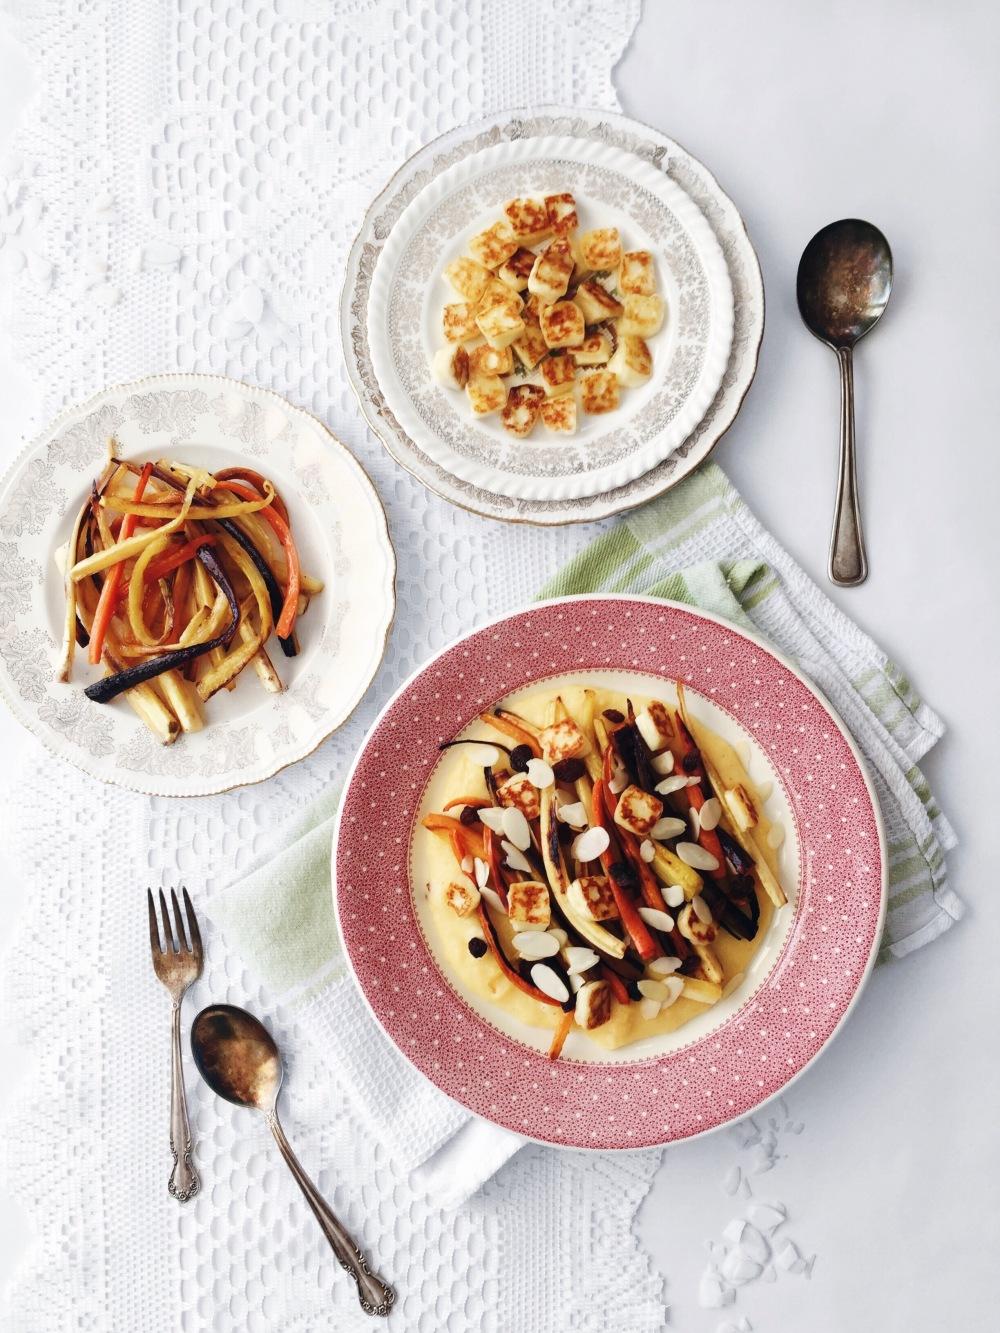 légumes racines rôtis, fromage halloumi grillé et polenta crémeuse au rutabaga, au yogourt, aux raisins et aux amandes